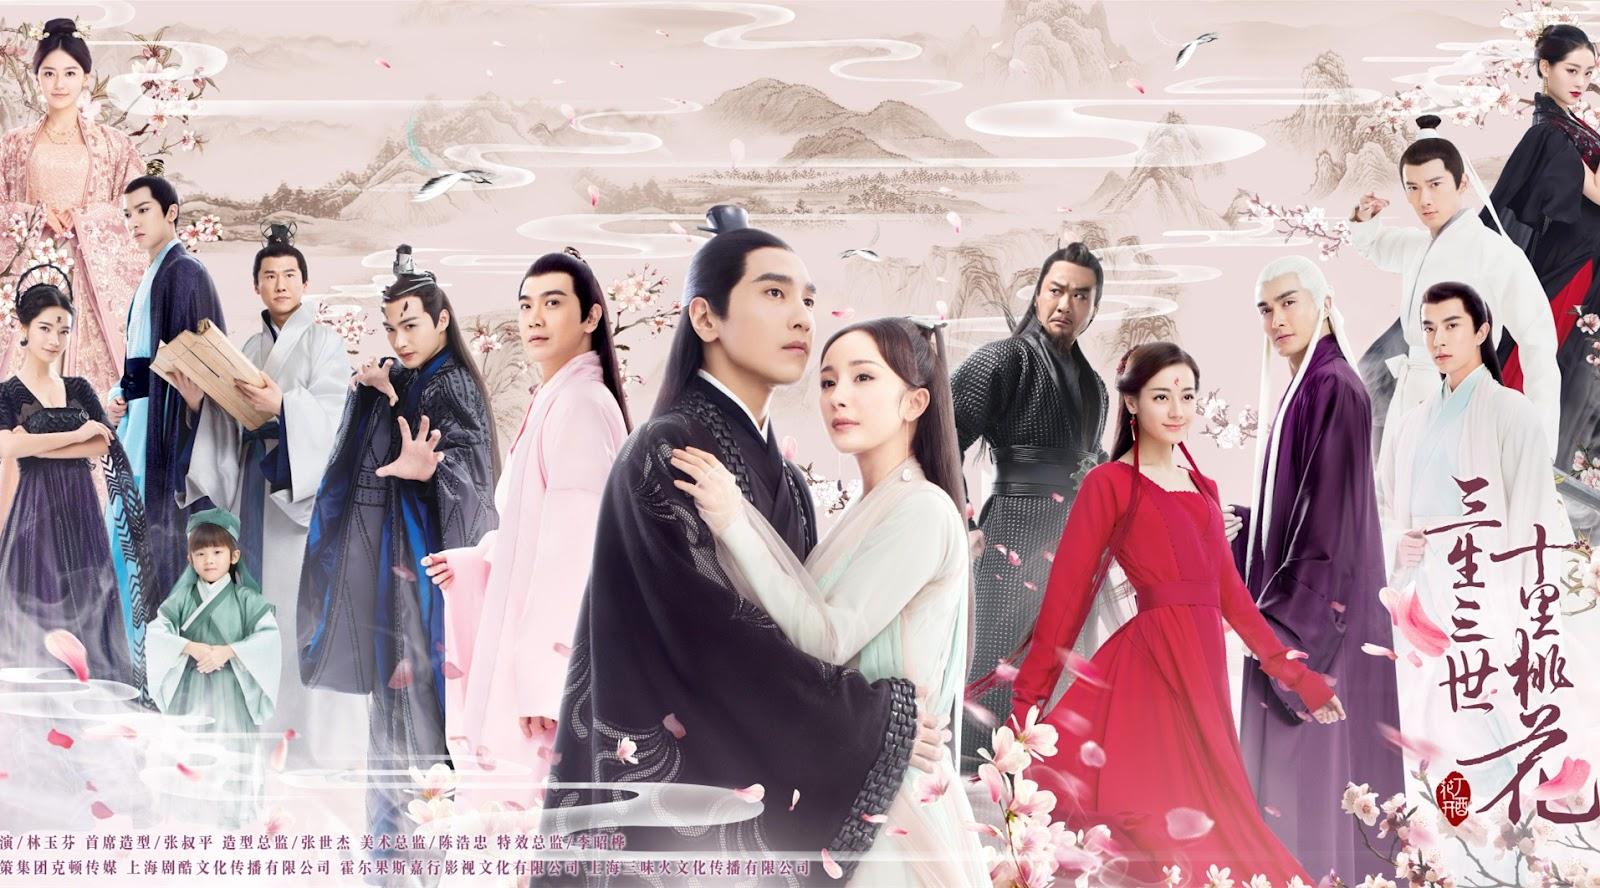 Top 10 bộ phim cổ trang Trung Quốc hay nhất bạn không thể bỏ lỡ